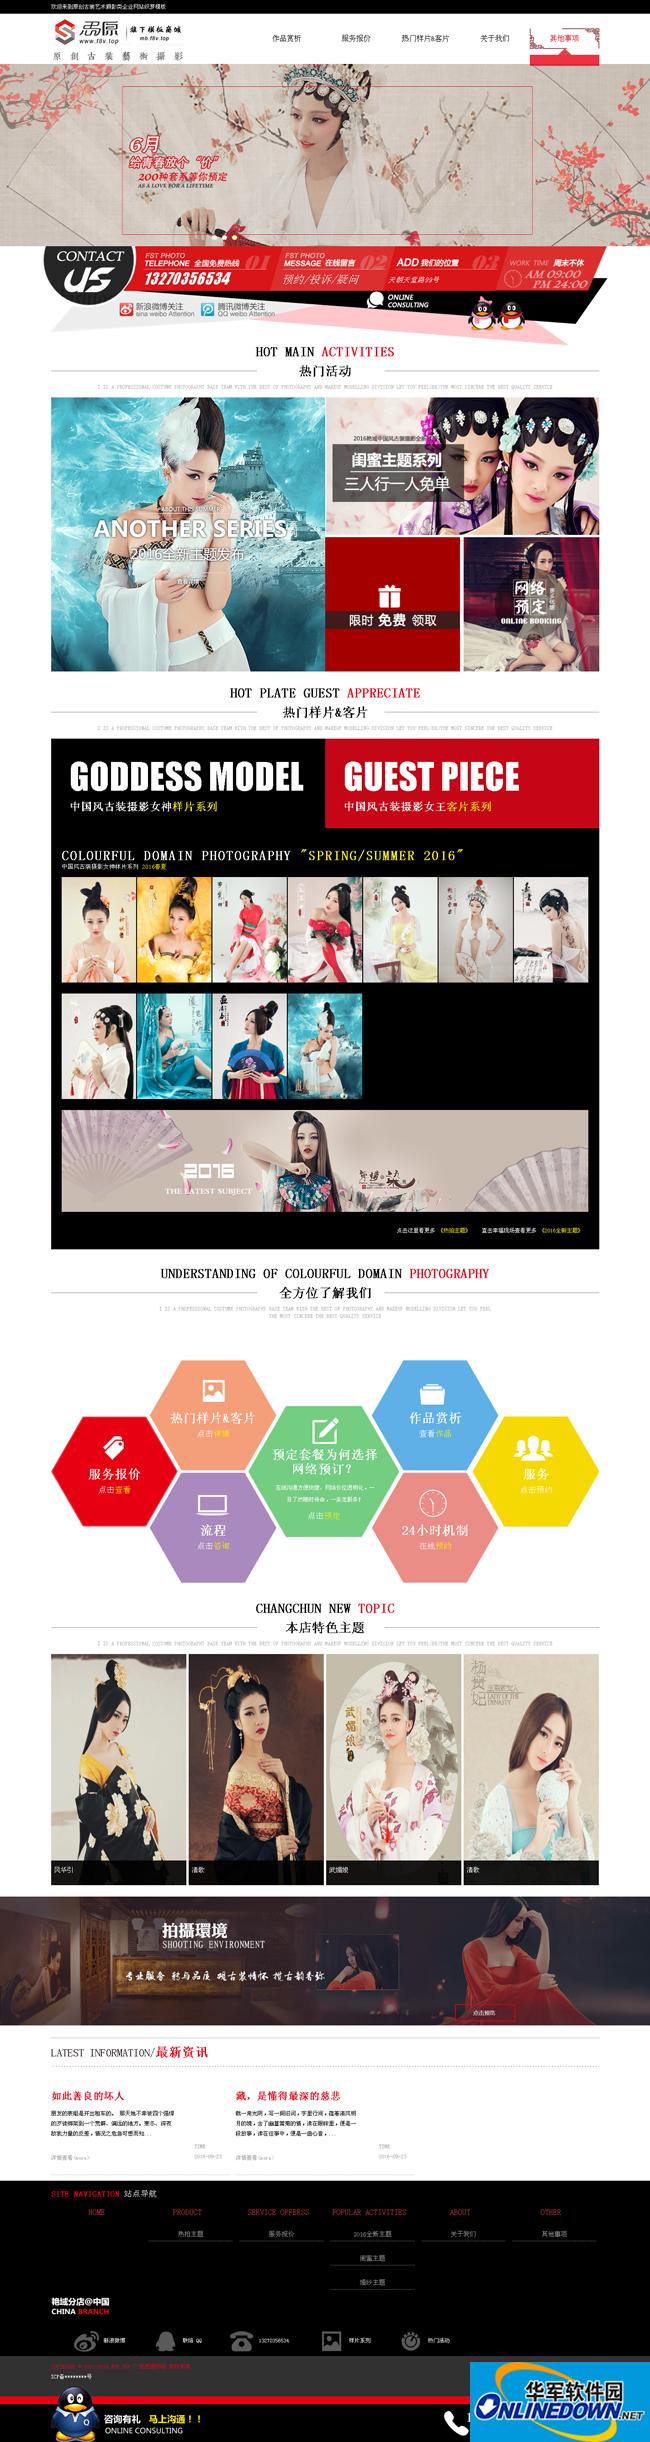 原创古装艺术摄影类企业网站织梦模板 PC版